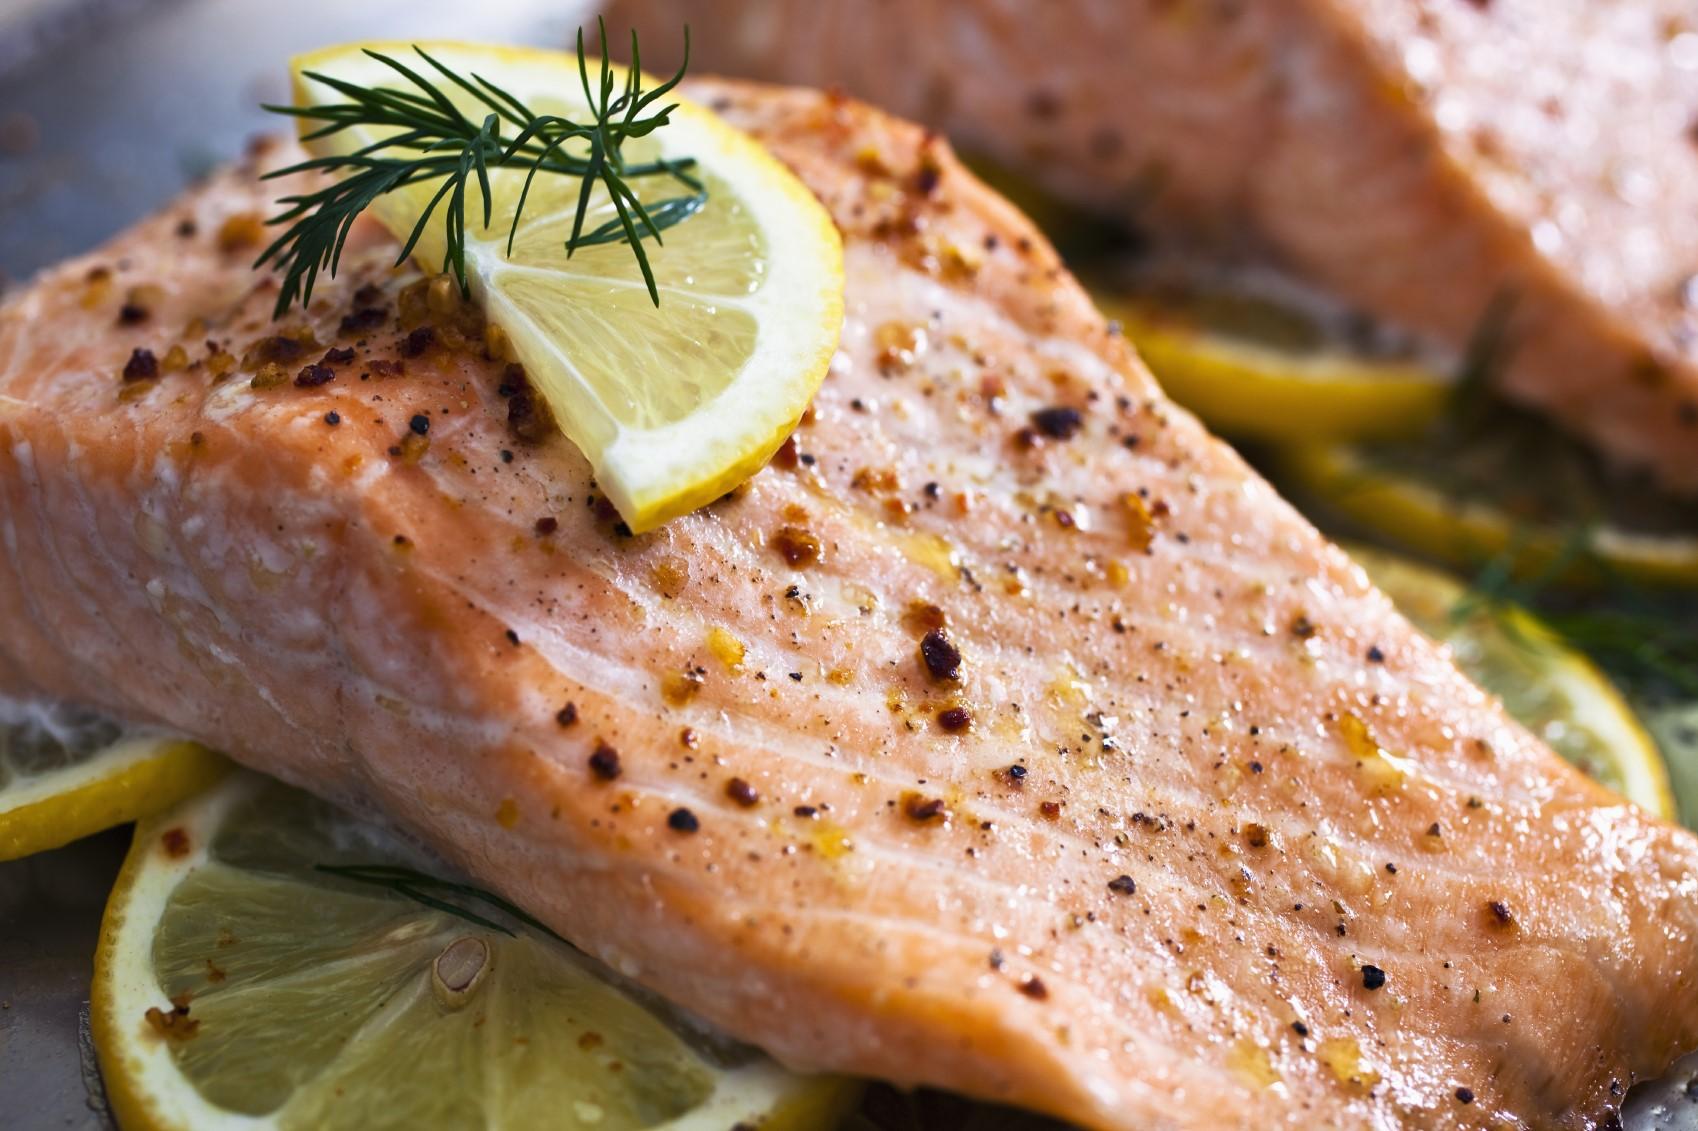 Seafood Apa Saja yang Baik dan Sehat untuk Ibu Hamil?